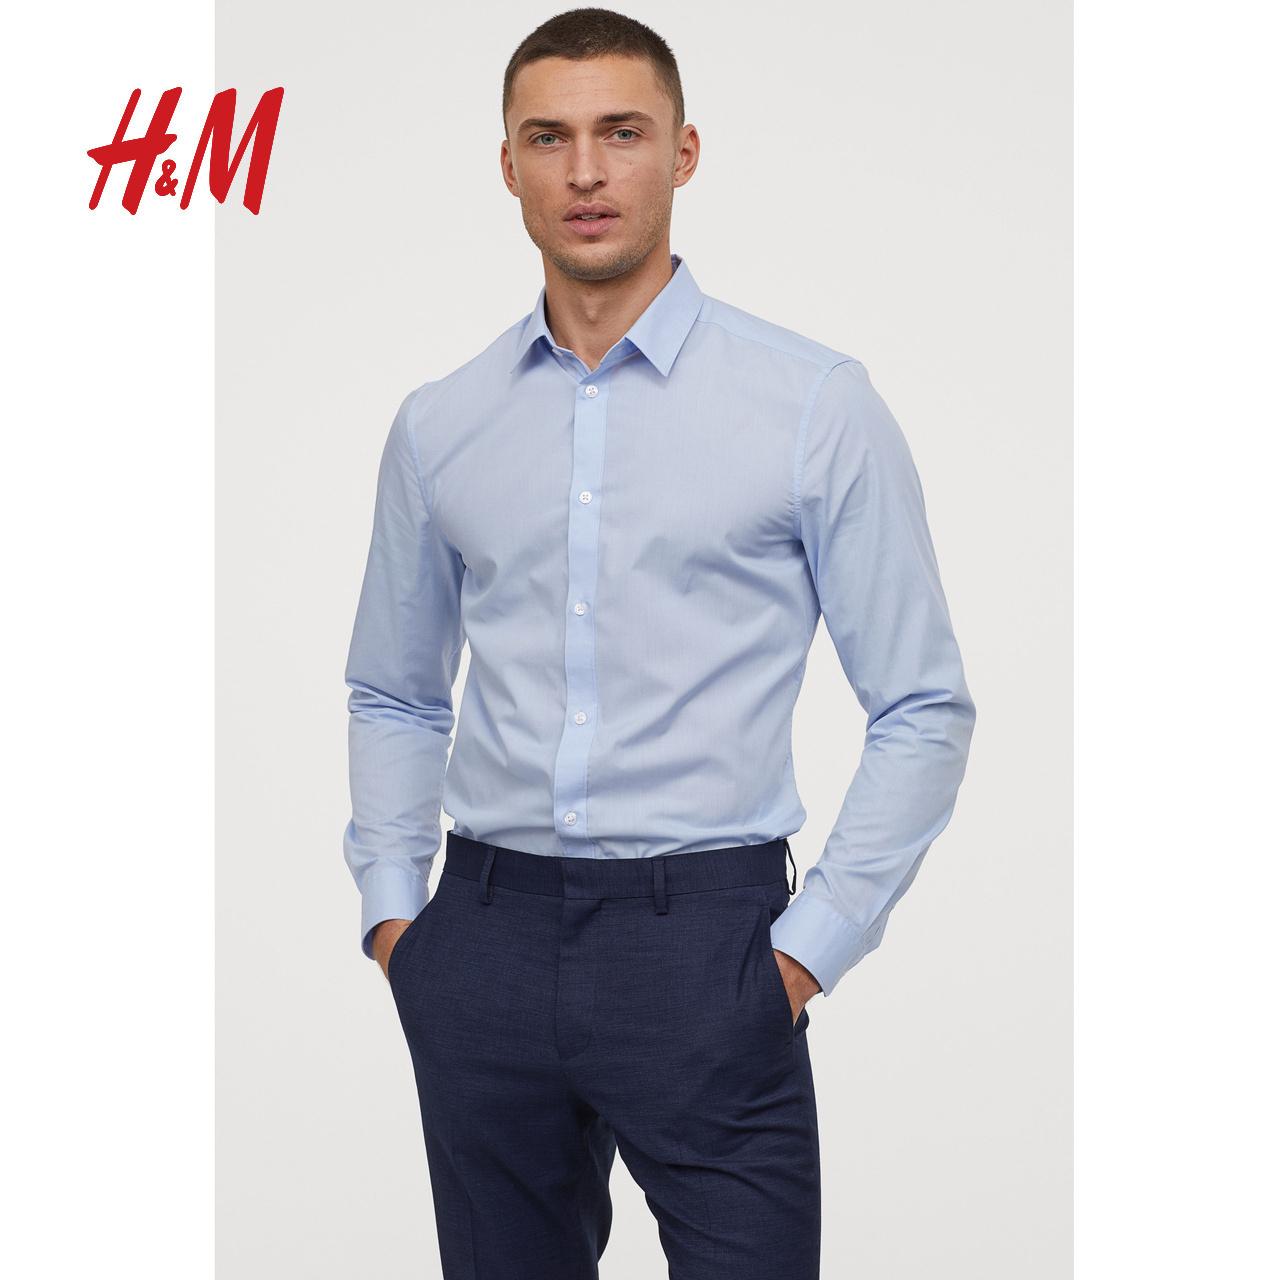 白色衬衫 HM 男装白色衬衣潮流2021春装新款休闲衬衫长袖修身上衣 0781758_推荐淘宝好看的白色衬衫